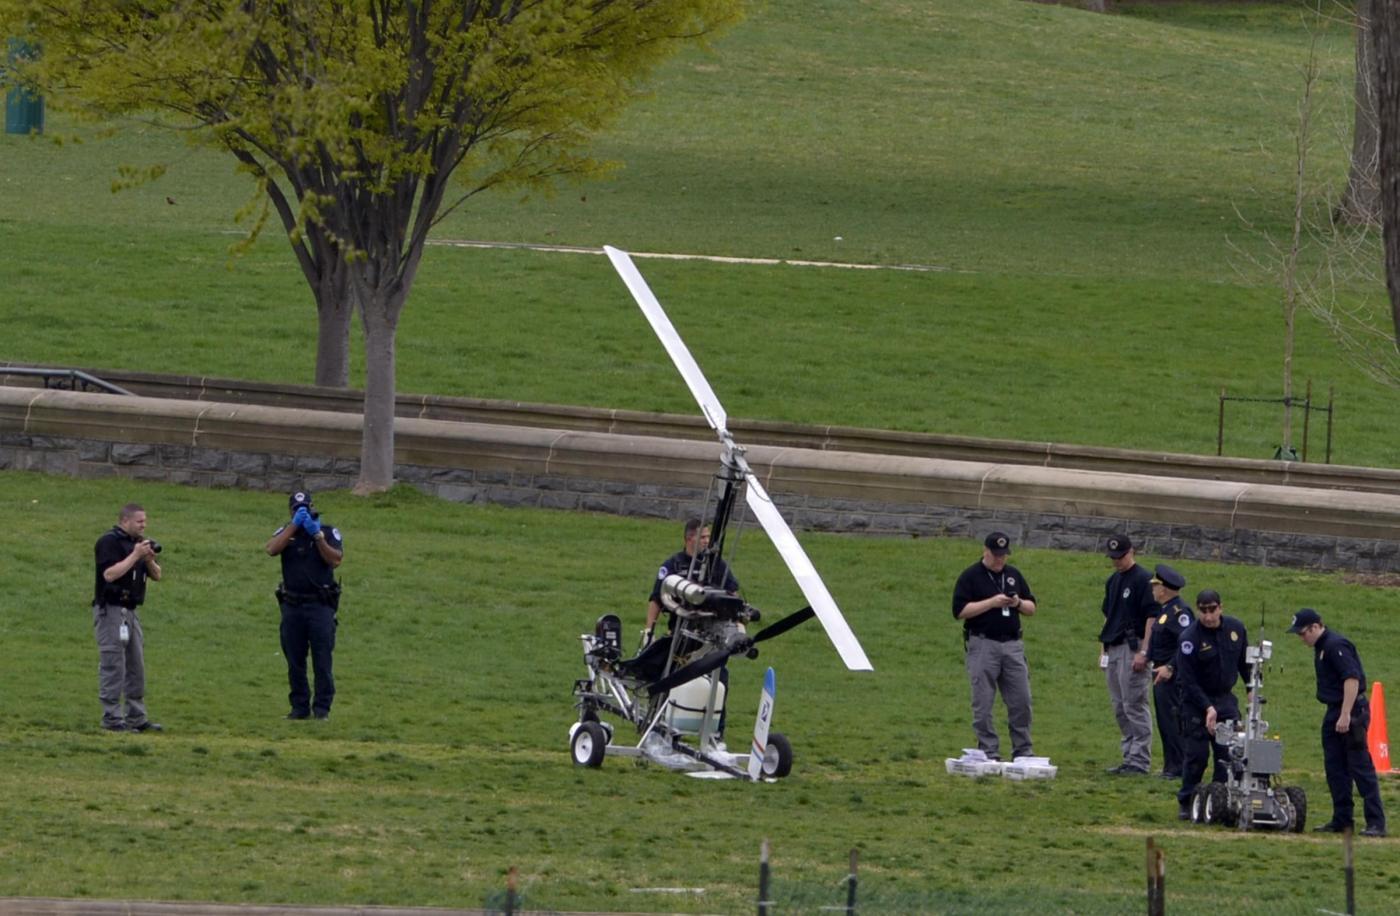 Elicottero Piccolo : Usa piccolo elicottero atterra a passi da sede